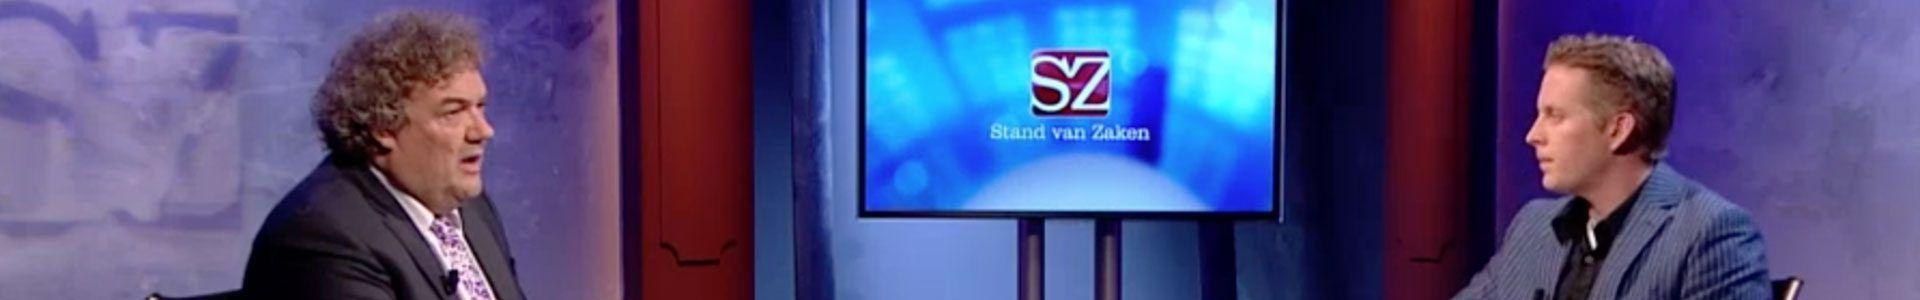 Gerben Lievers te gast bij RTV Oost programma Stand van Zaken